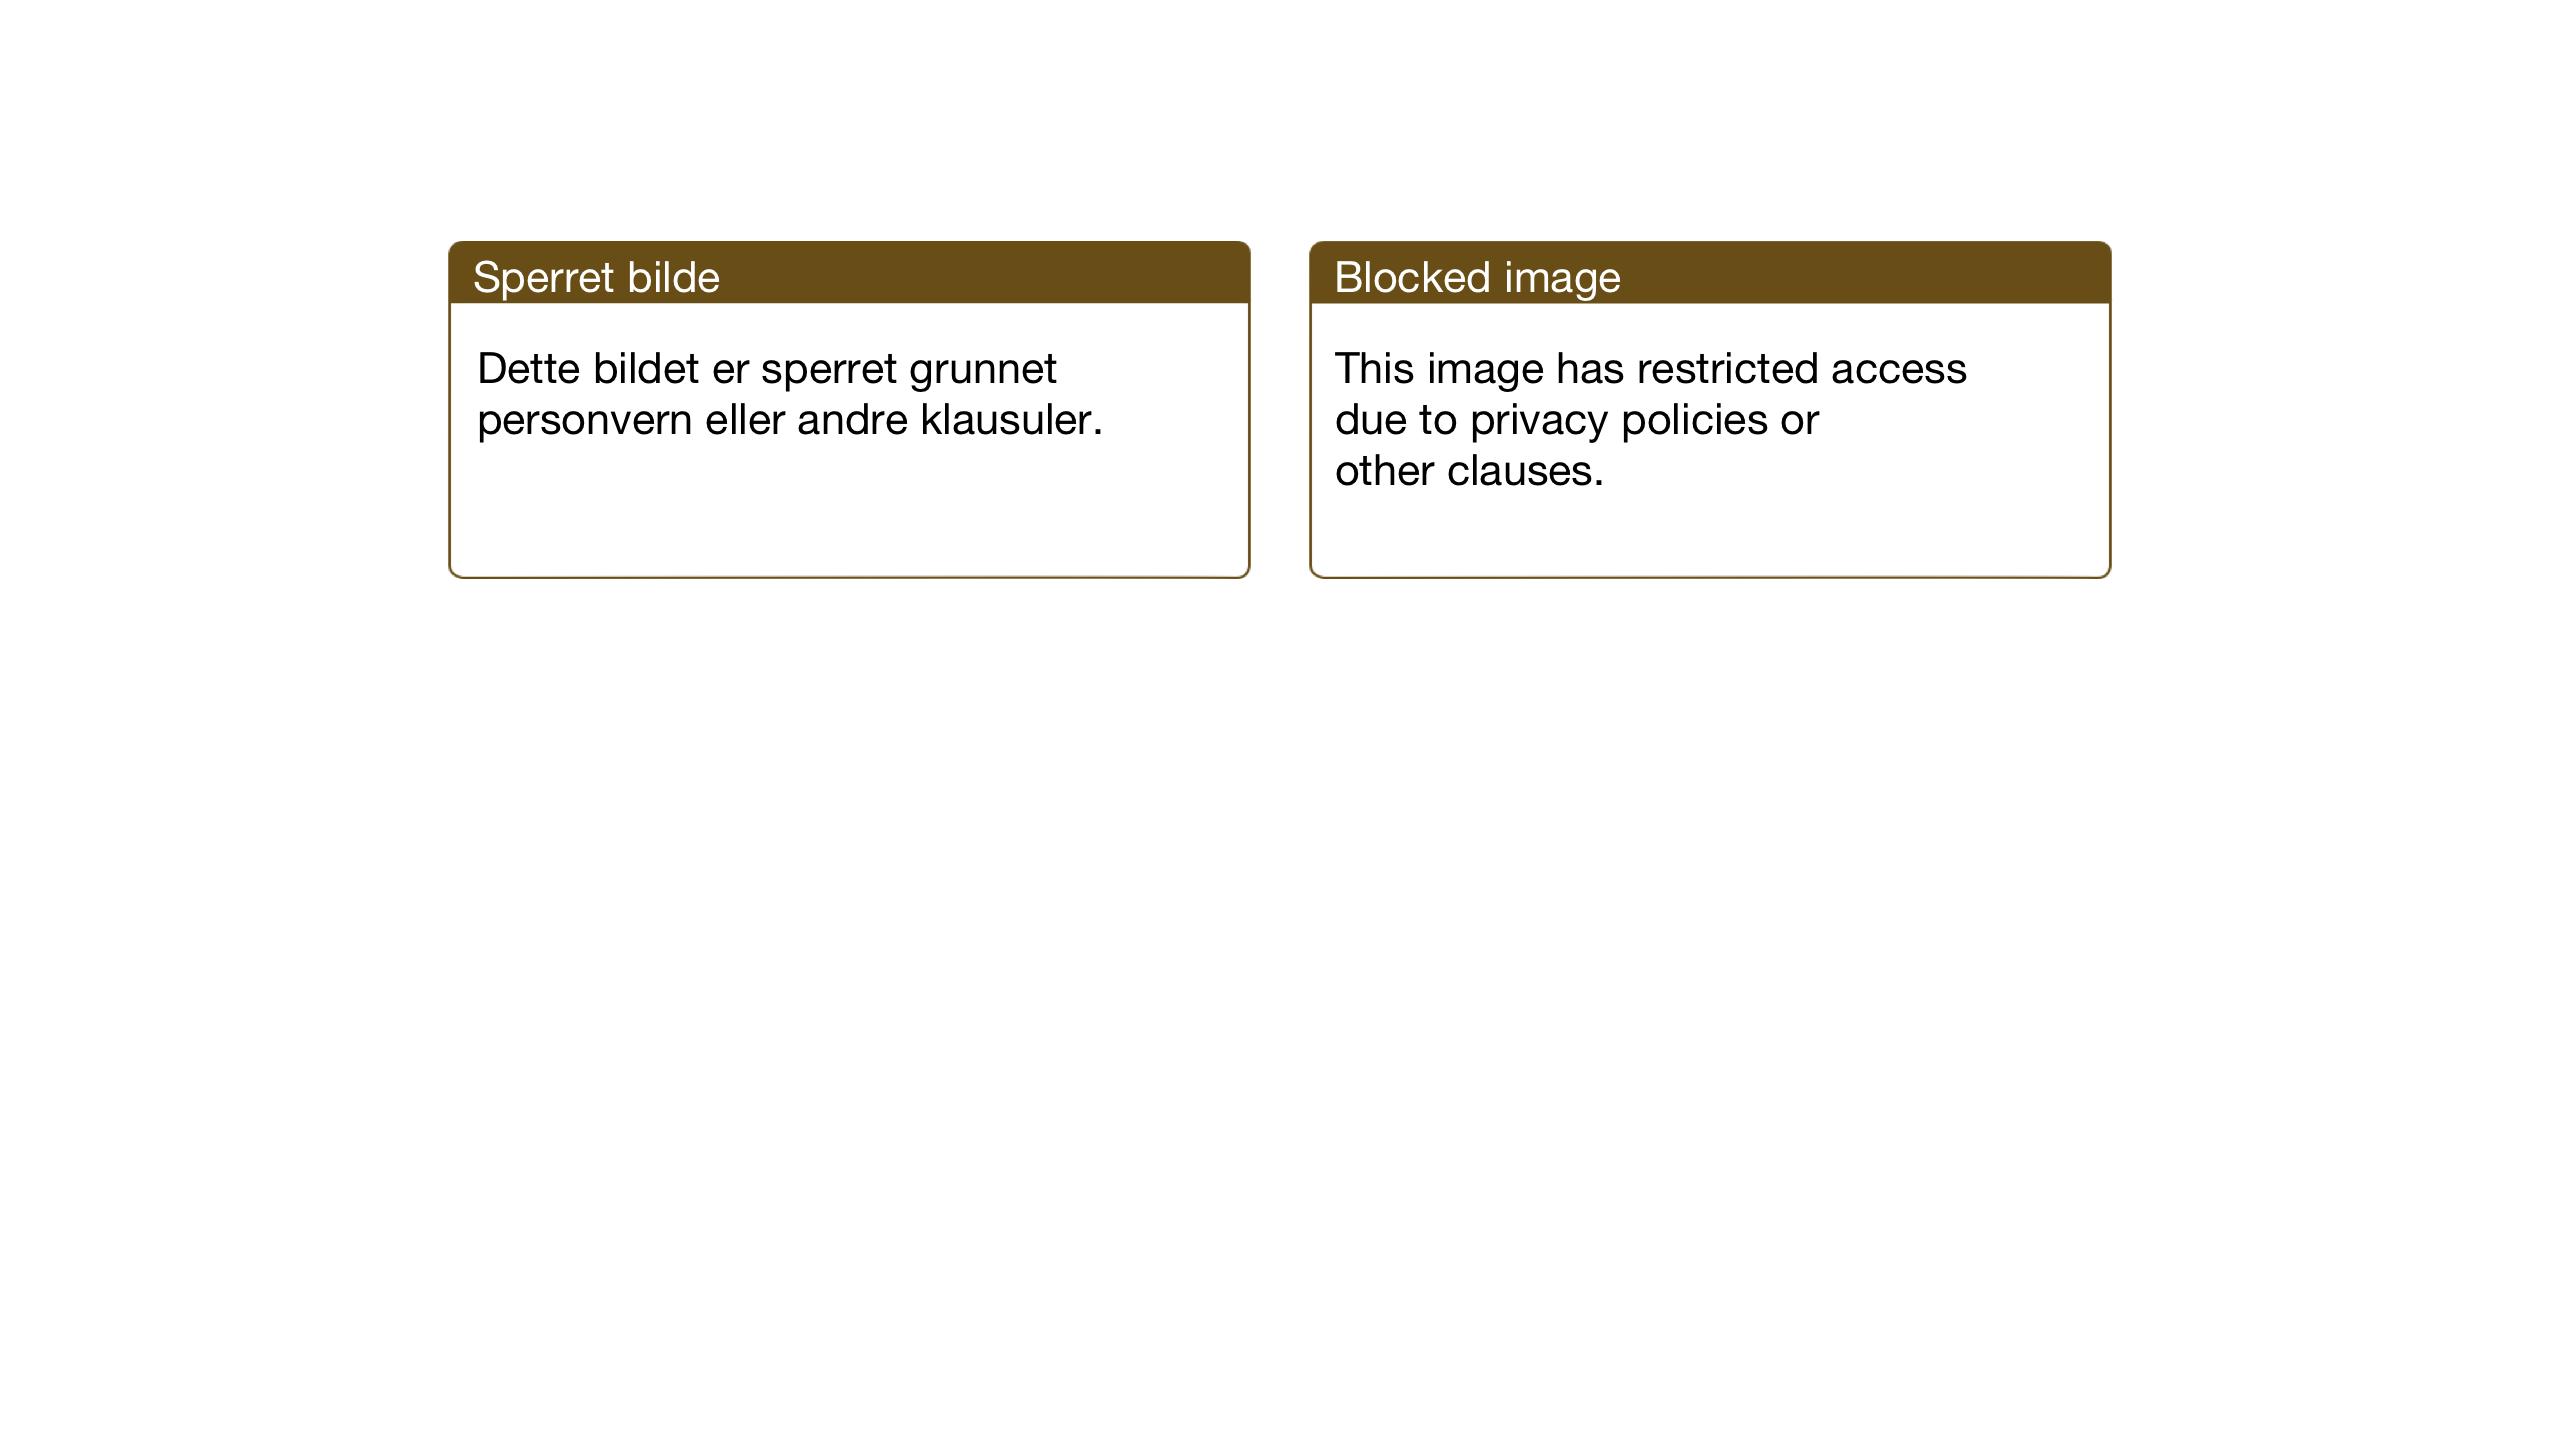 SAT, Ministerialprotokoller, klokkerbøker og fødselsregistre - Sør-Trøndelag, 667/L0799: Klokkerbok nr. 667C04, 1929-1950, s. 34